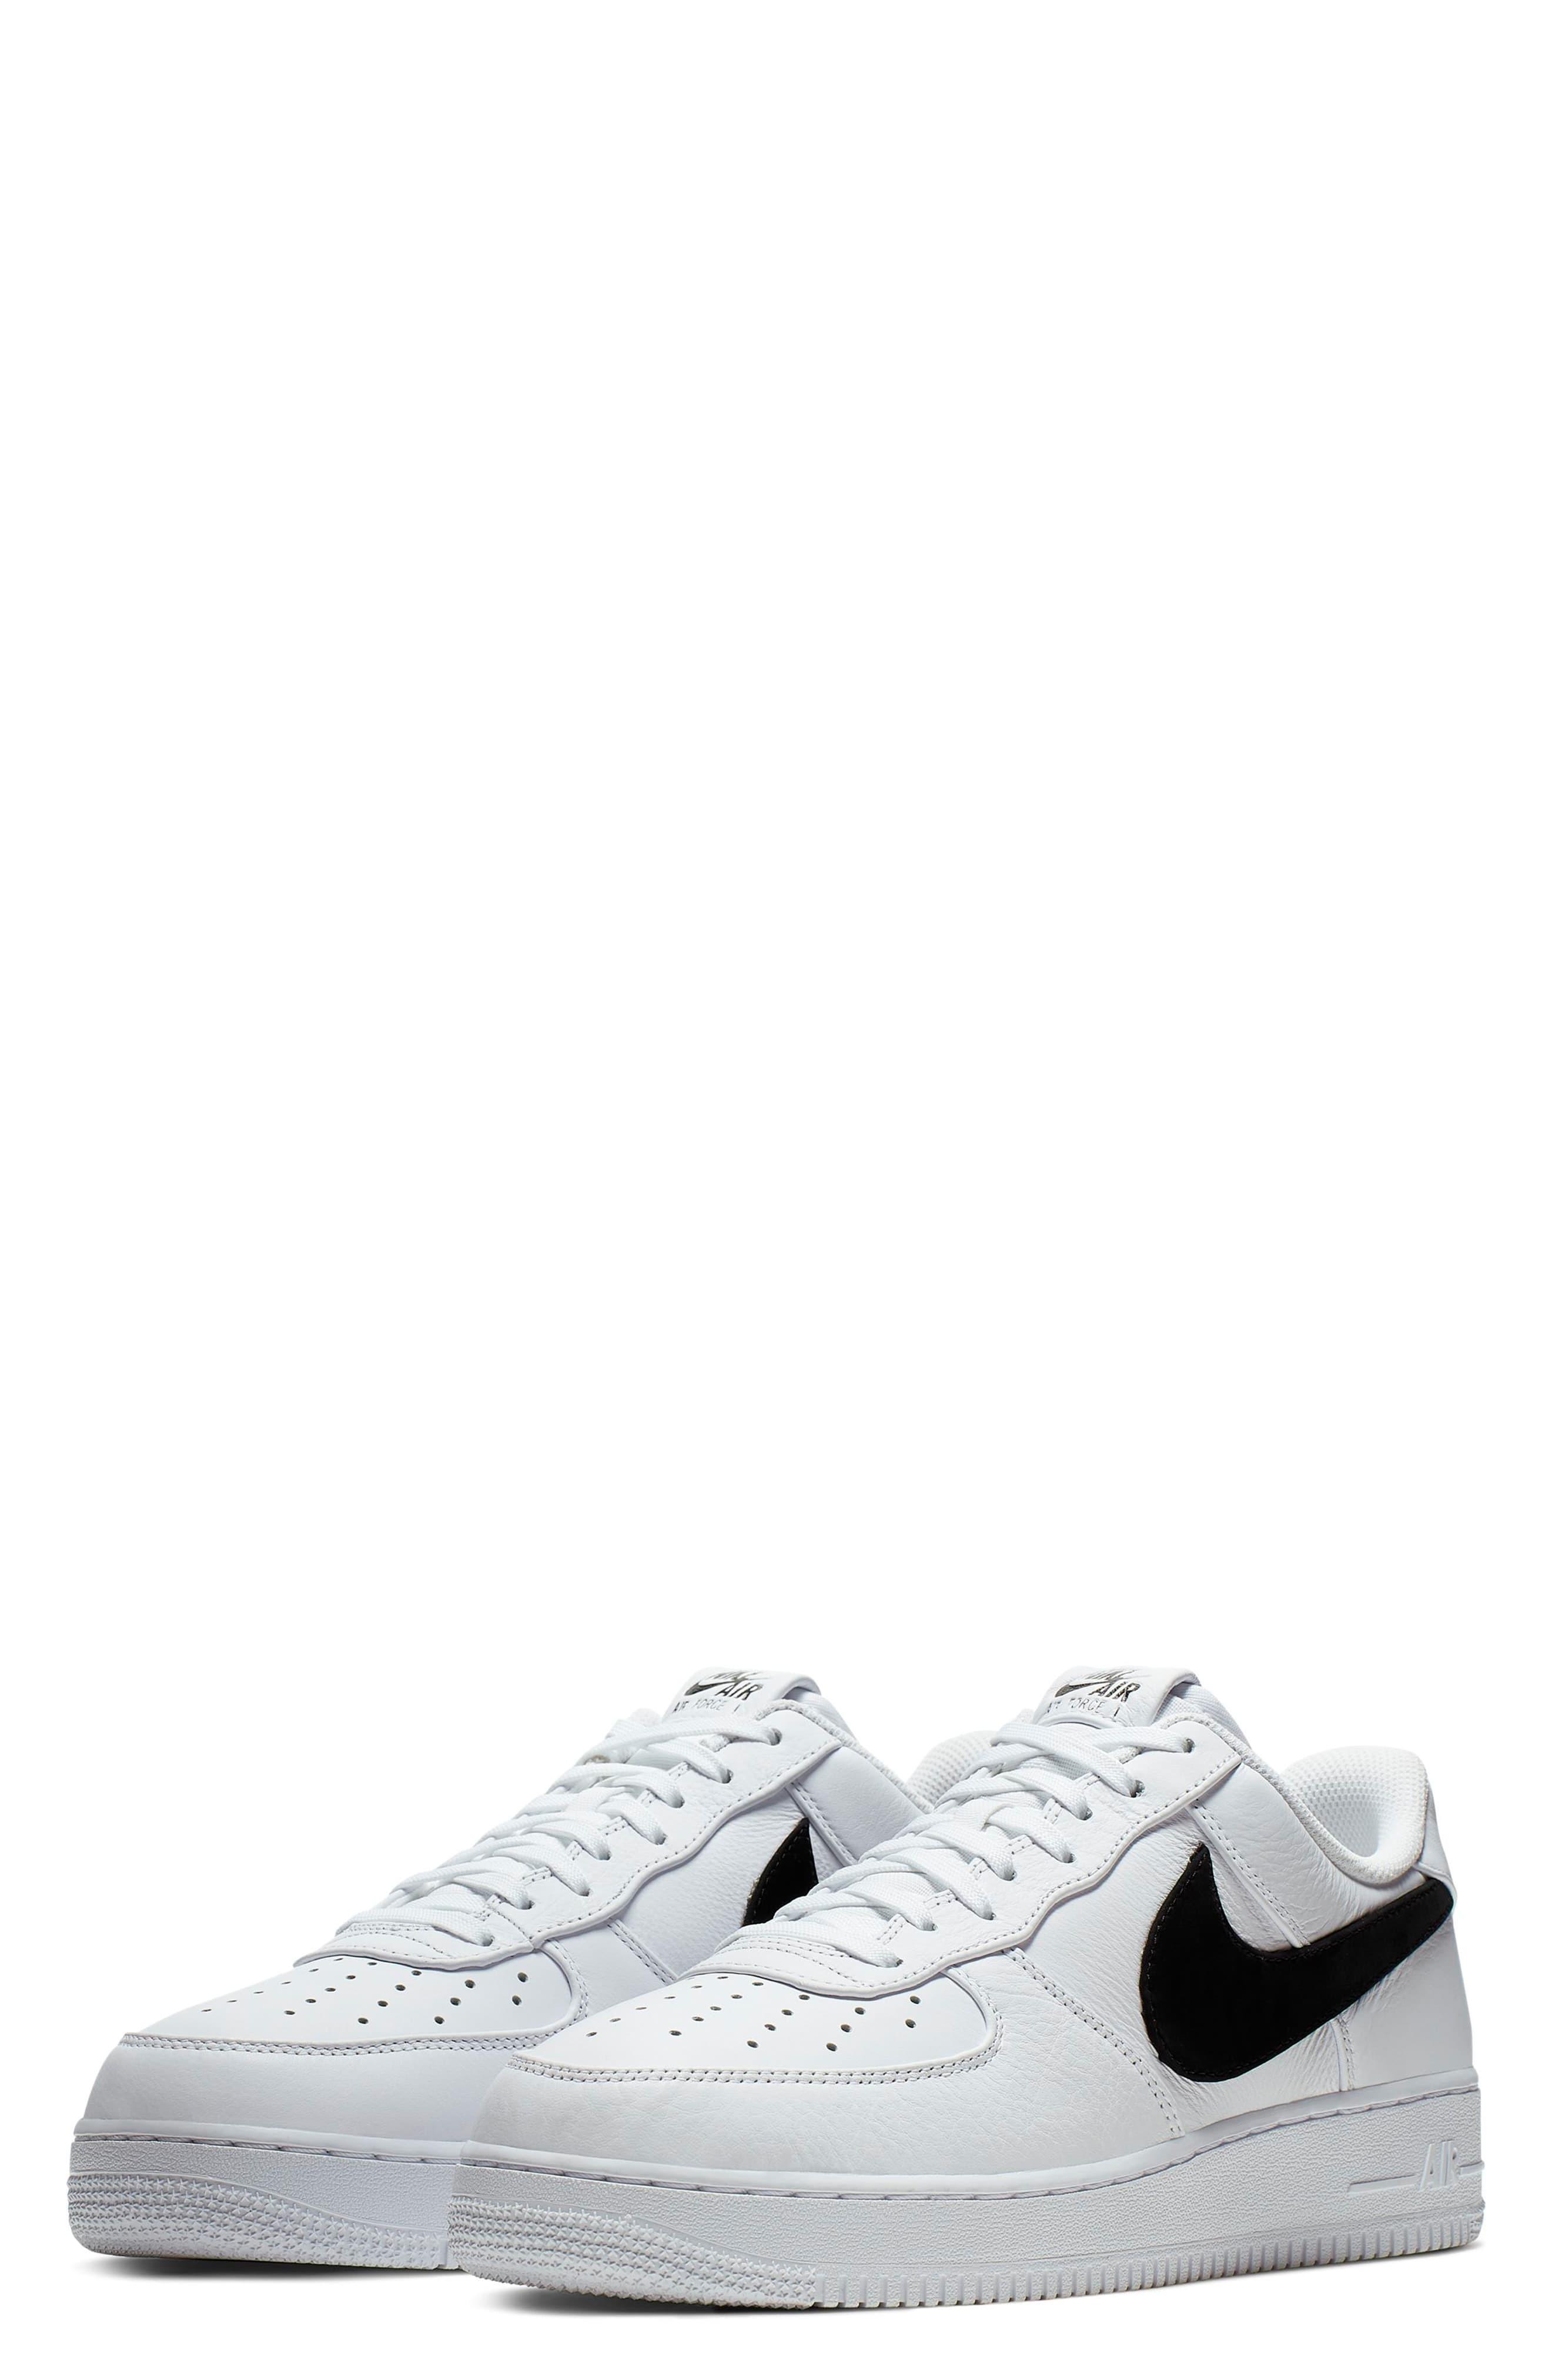 Nike Air Force 1 07 Premium 2 Sneaker, $130 | Nordstrom | Lookastic